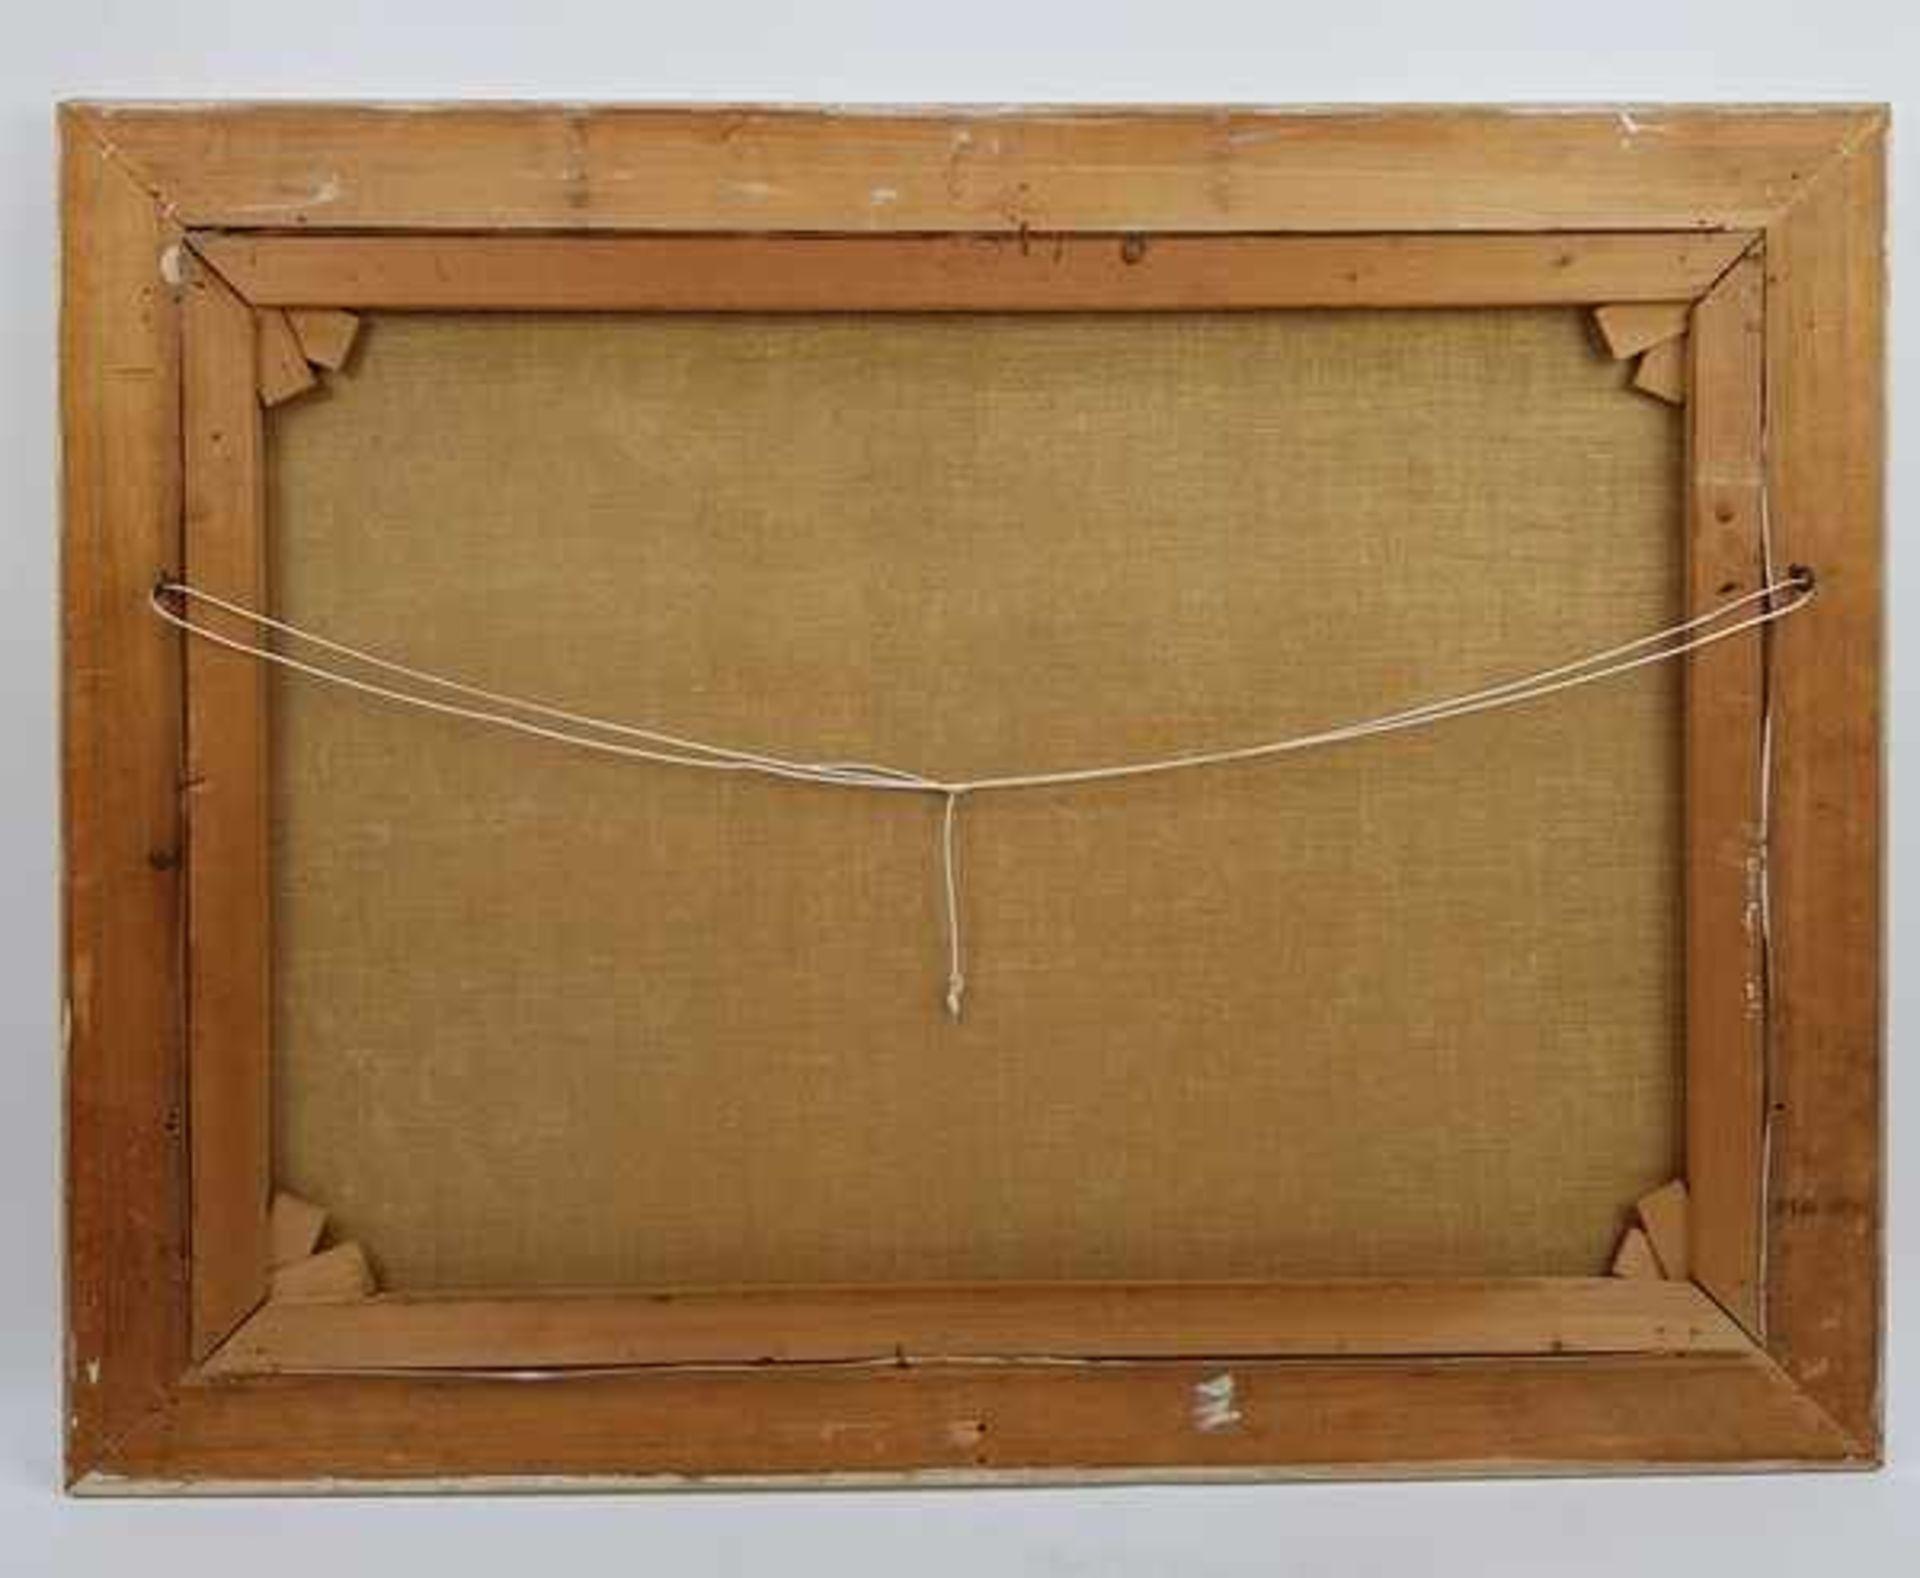 Los 307 - (Kunst) Schilderij, olieverf op doek, G. Roemers